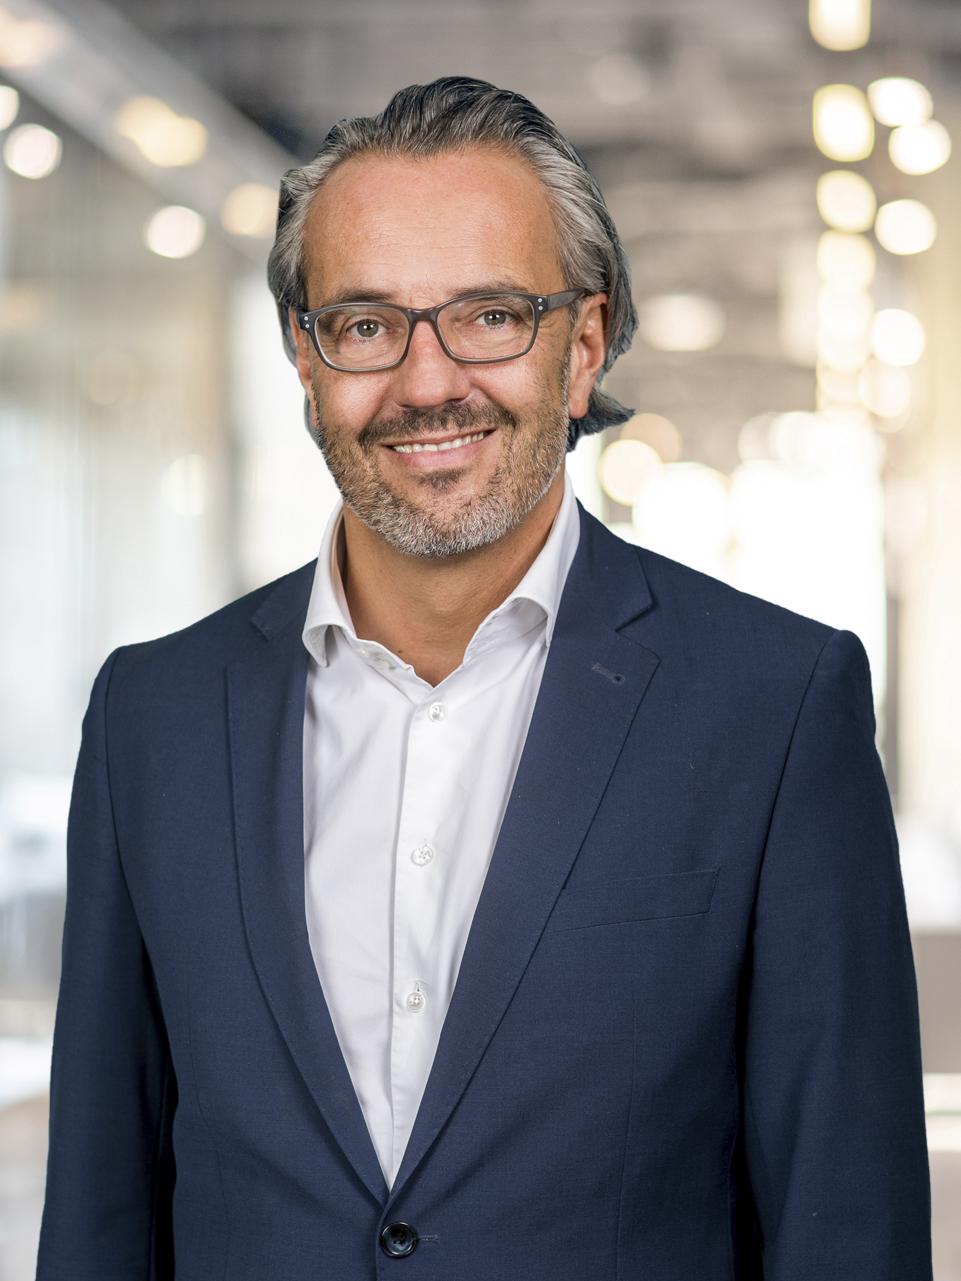 Salzburger Notariatskammer: Notar und Mediator Dr. Philip Ranft